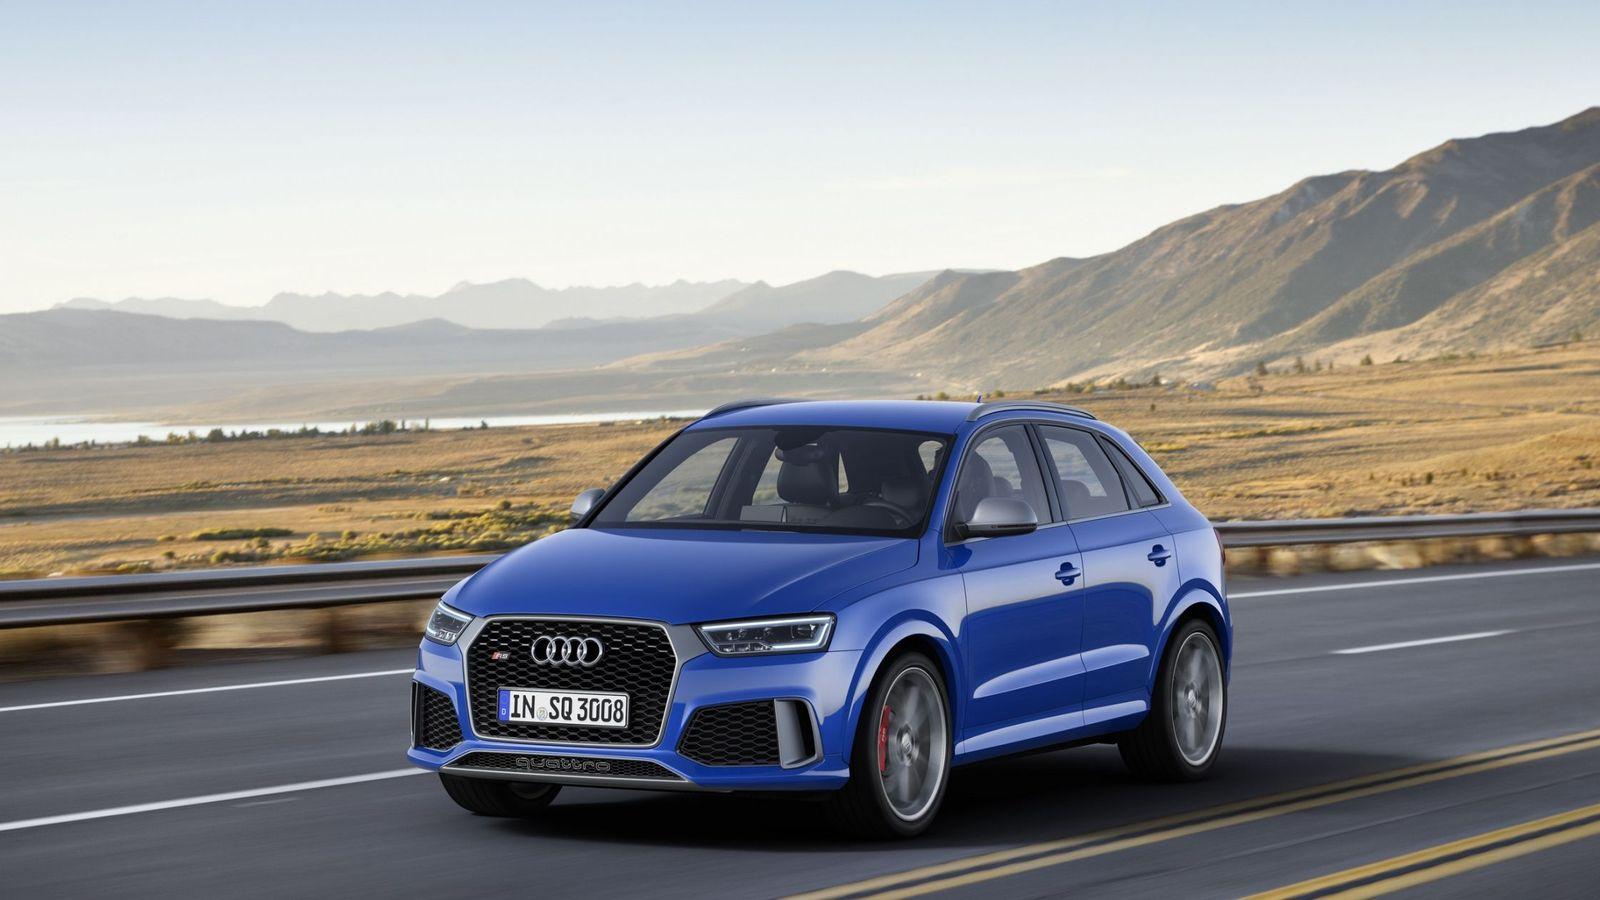 Foto: Audi RS Q3 Performance